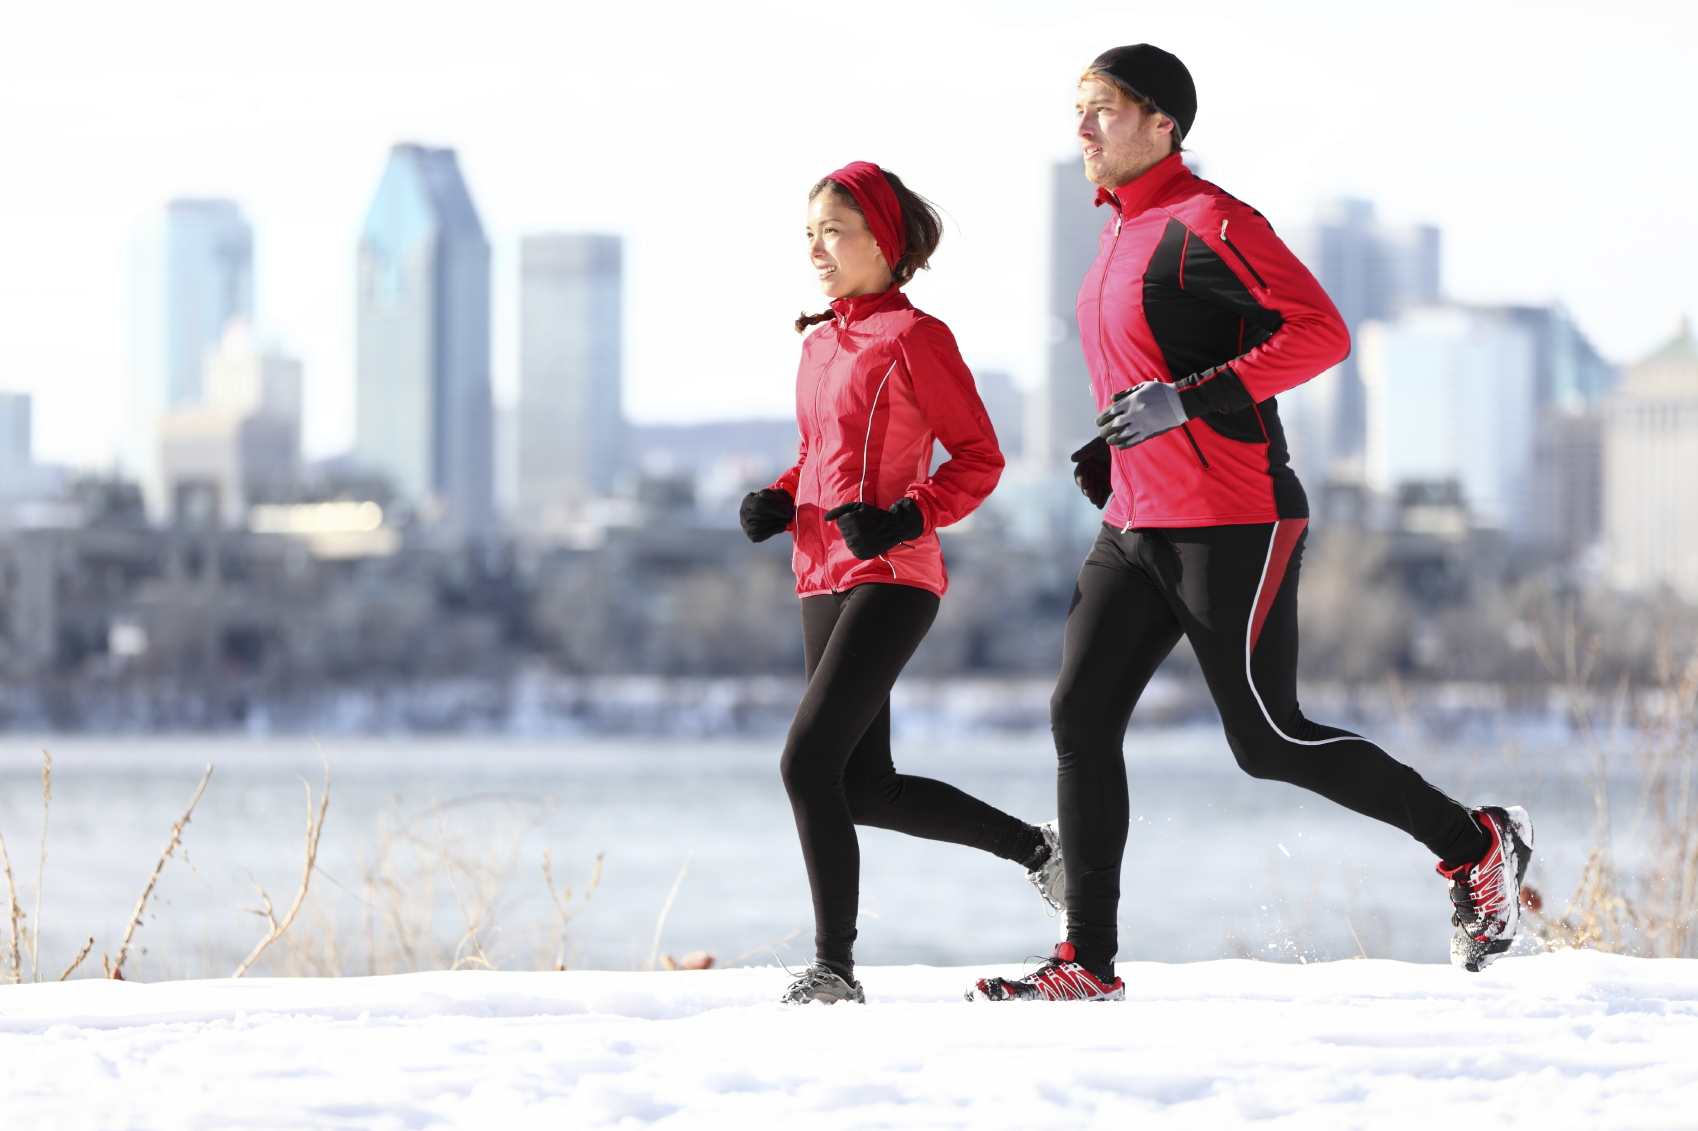 city - Как начать бегать и как правильно бегать, техника бега для похудения и поддержания формы